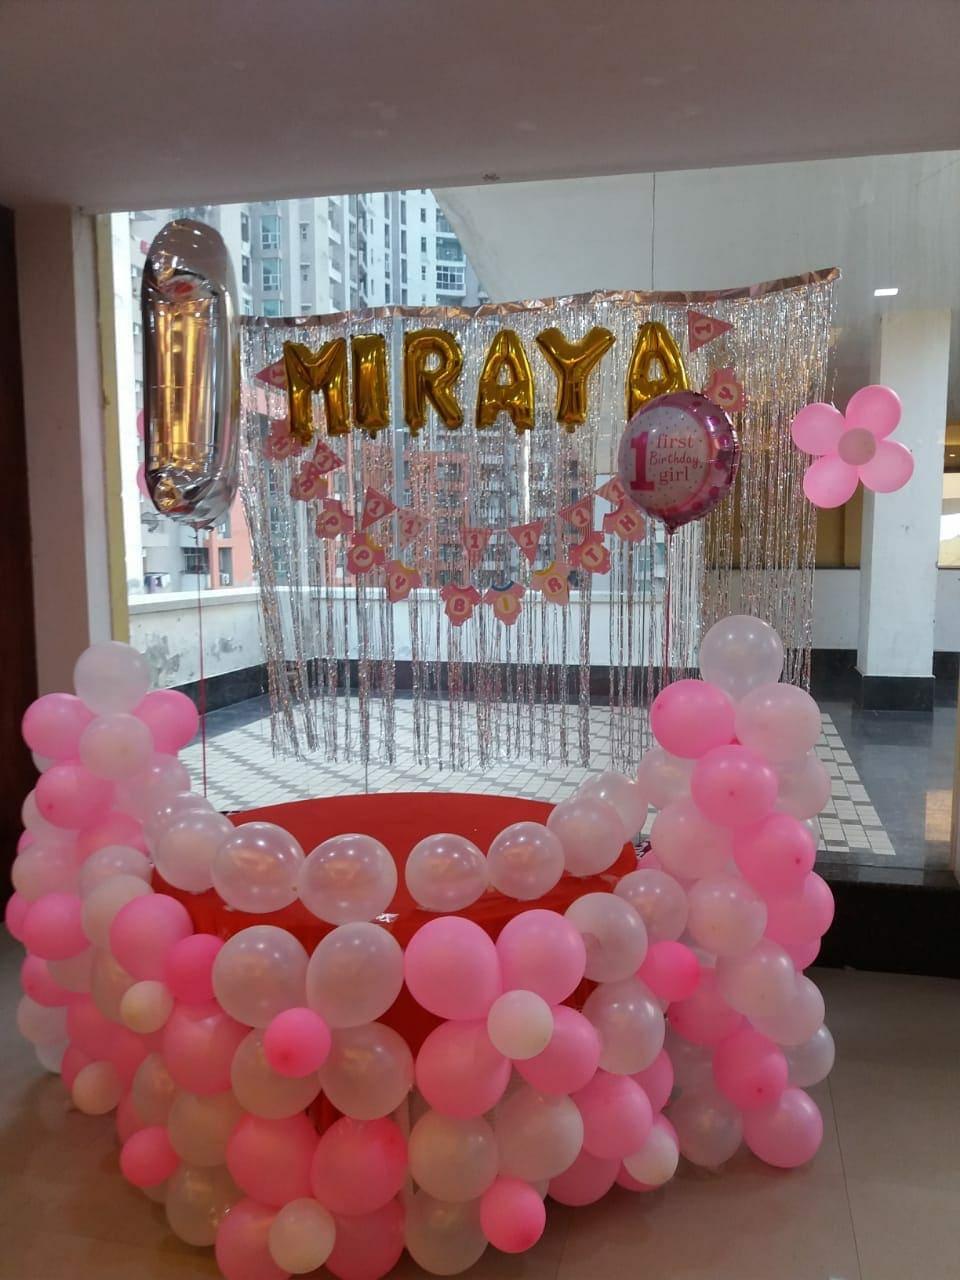 Top 100 Balloon Decorators In Noida Best Helium Balloon Decorators